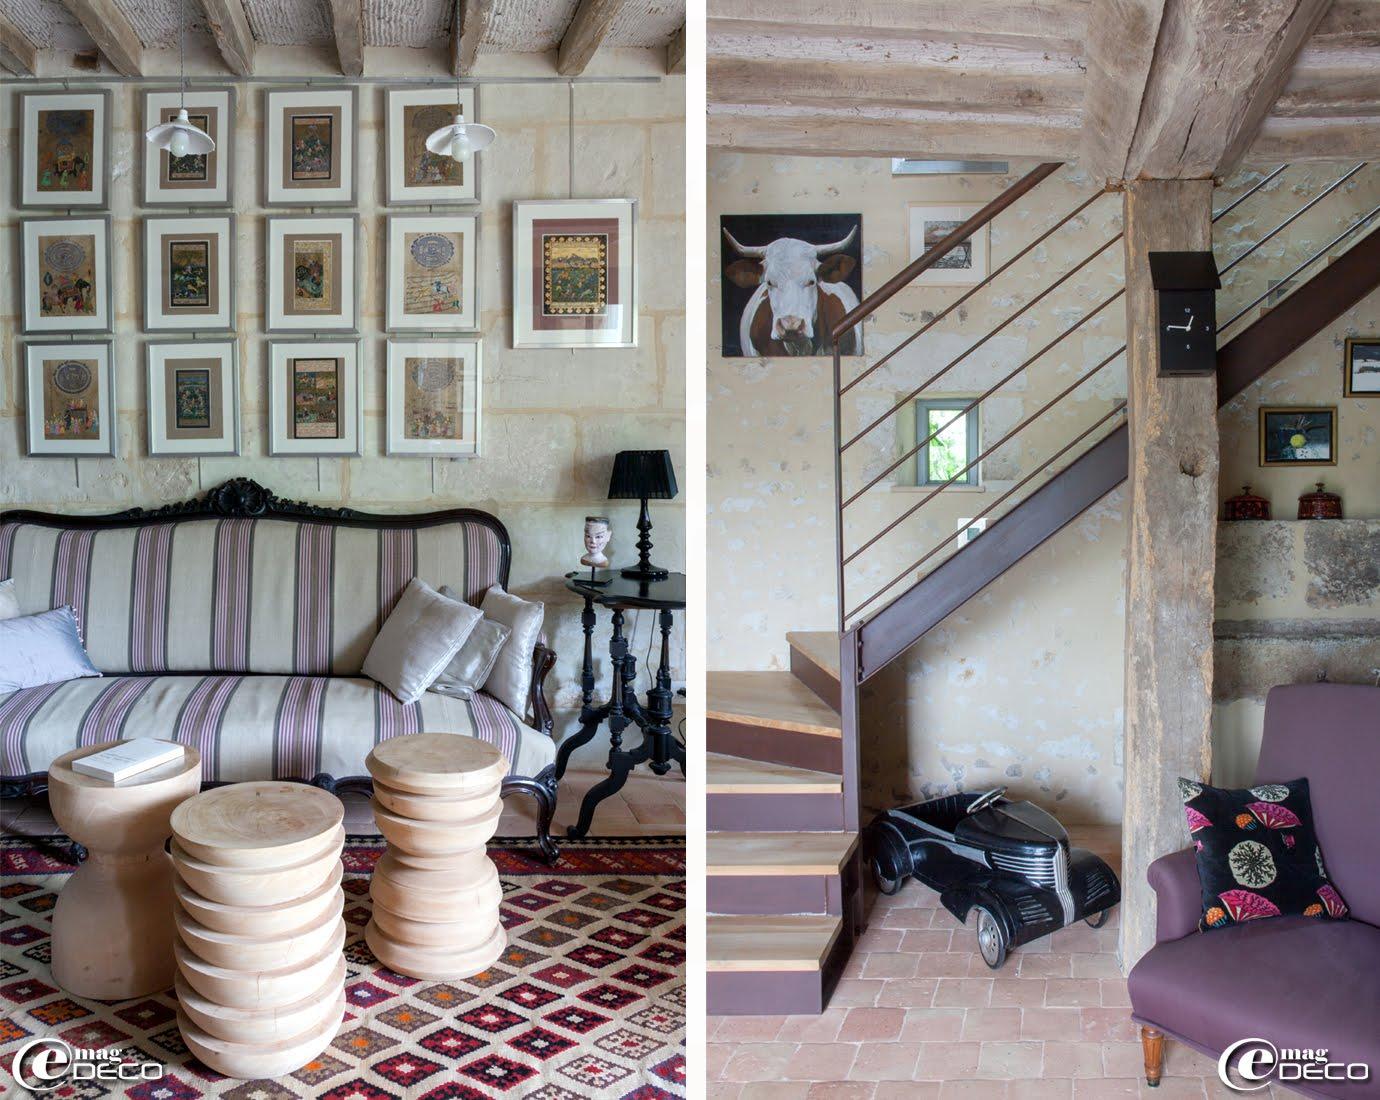 la maison d 39 hector e magdeco magazine de d coration. Black Bedroom Furniture Sets. Home Design Ideas